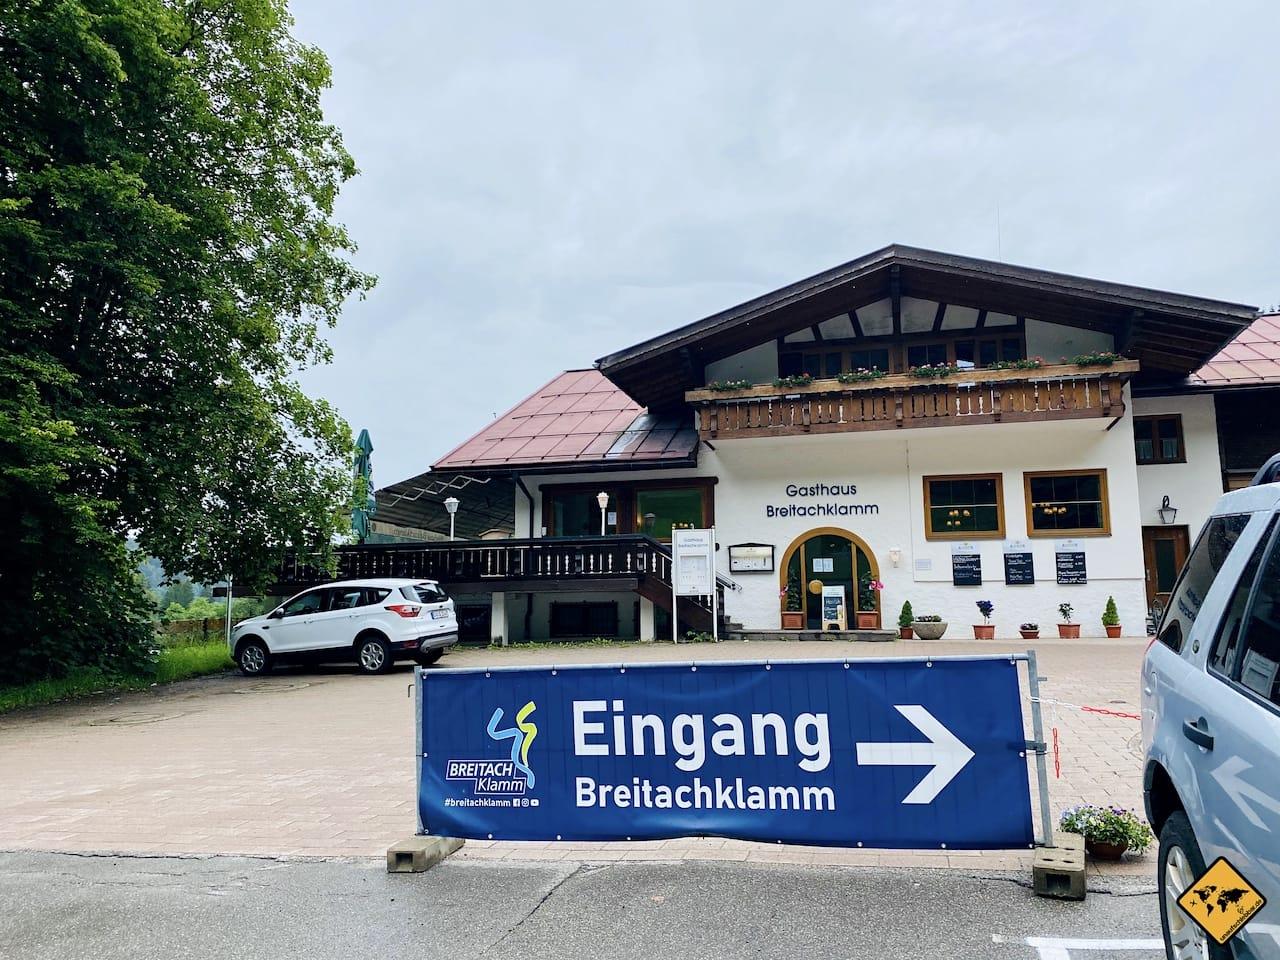 Gasthaus Breitachklamm